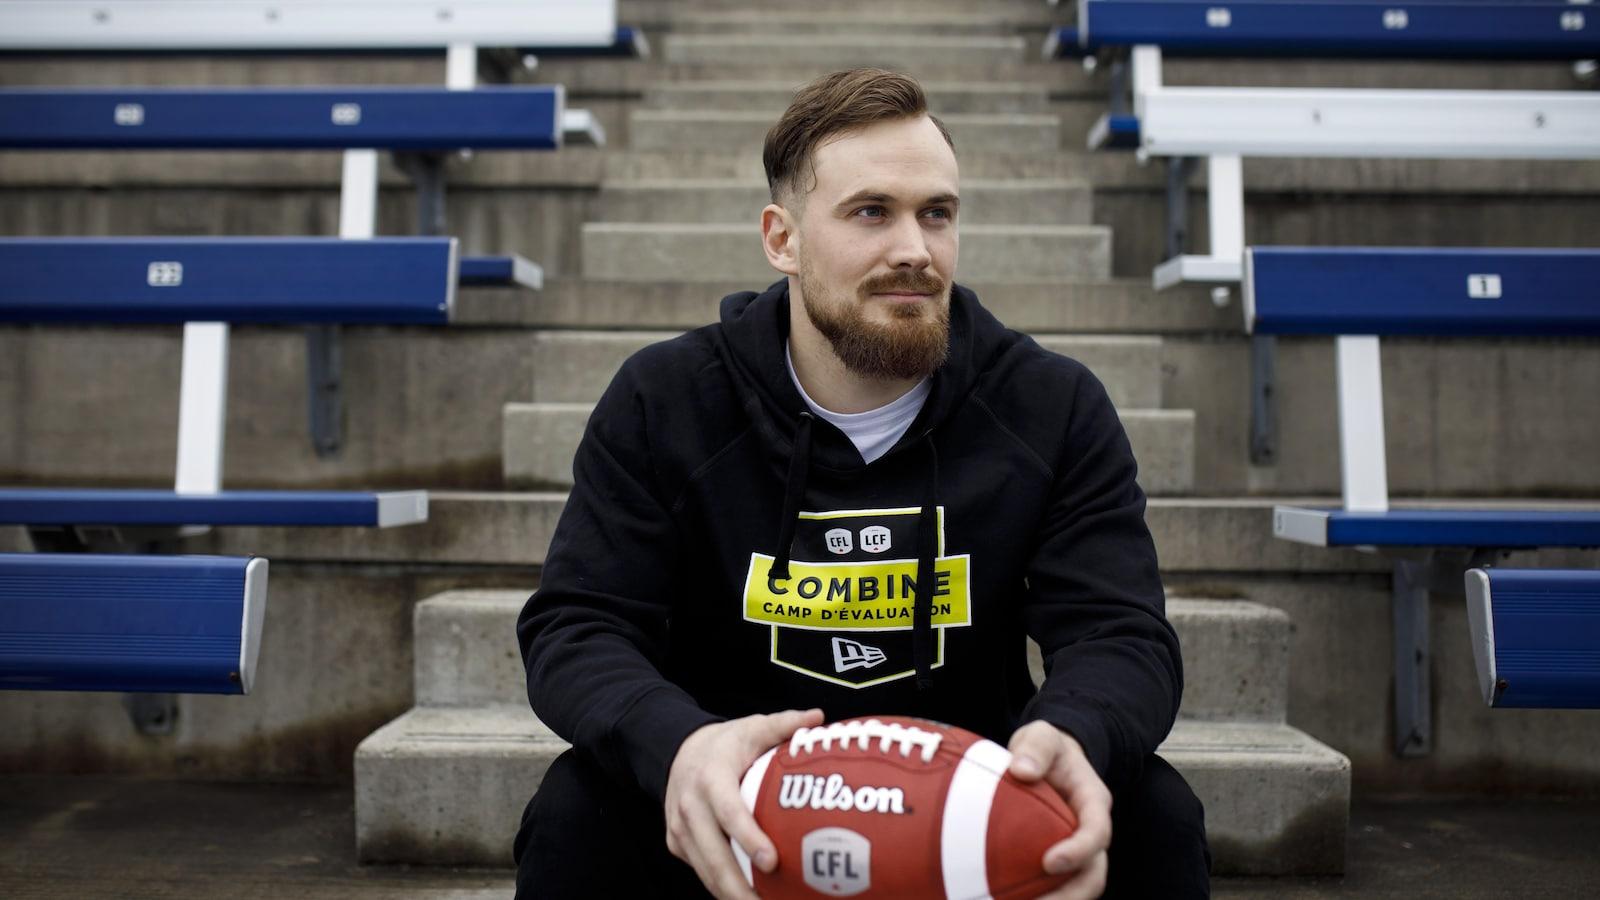 Frederik Myrup Nielsen pavec un ballon dans ses mains